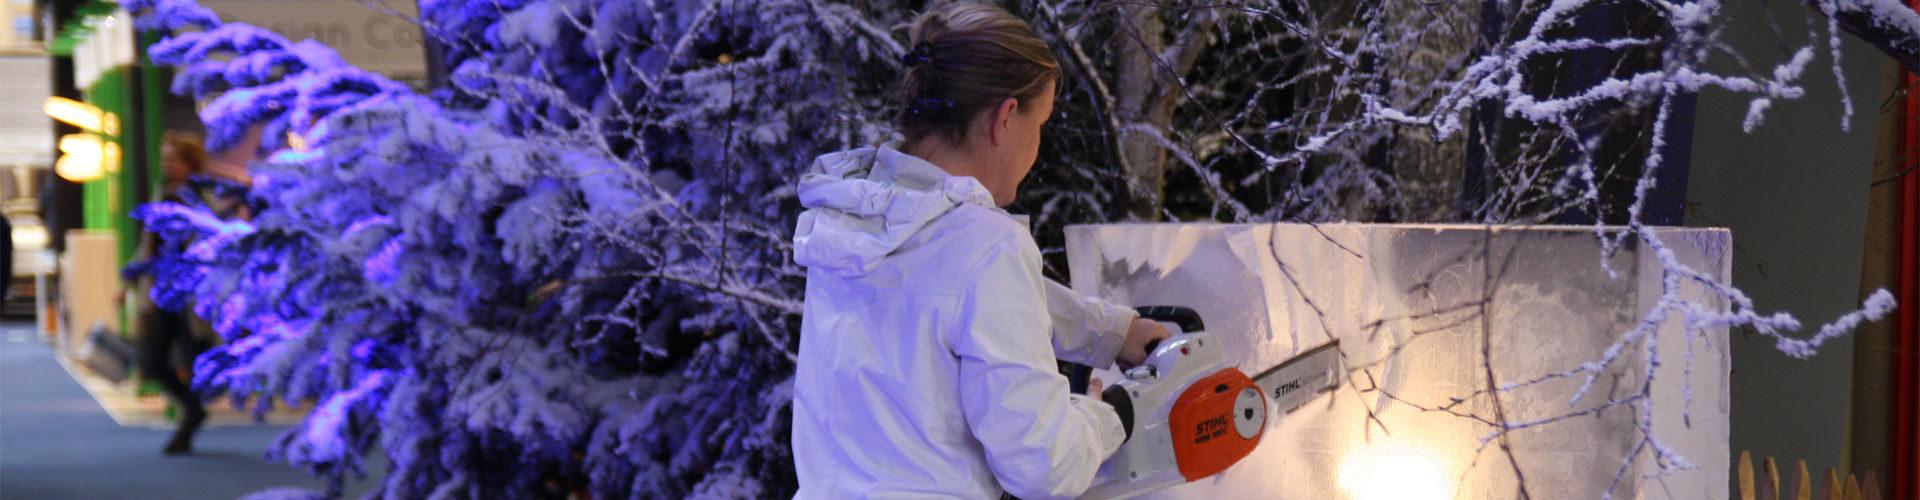 Speciaal winterprogramma met workshops demonstraties en muntjes hakken.voor kerstmarkten en winterfairs